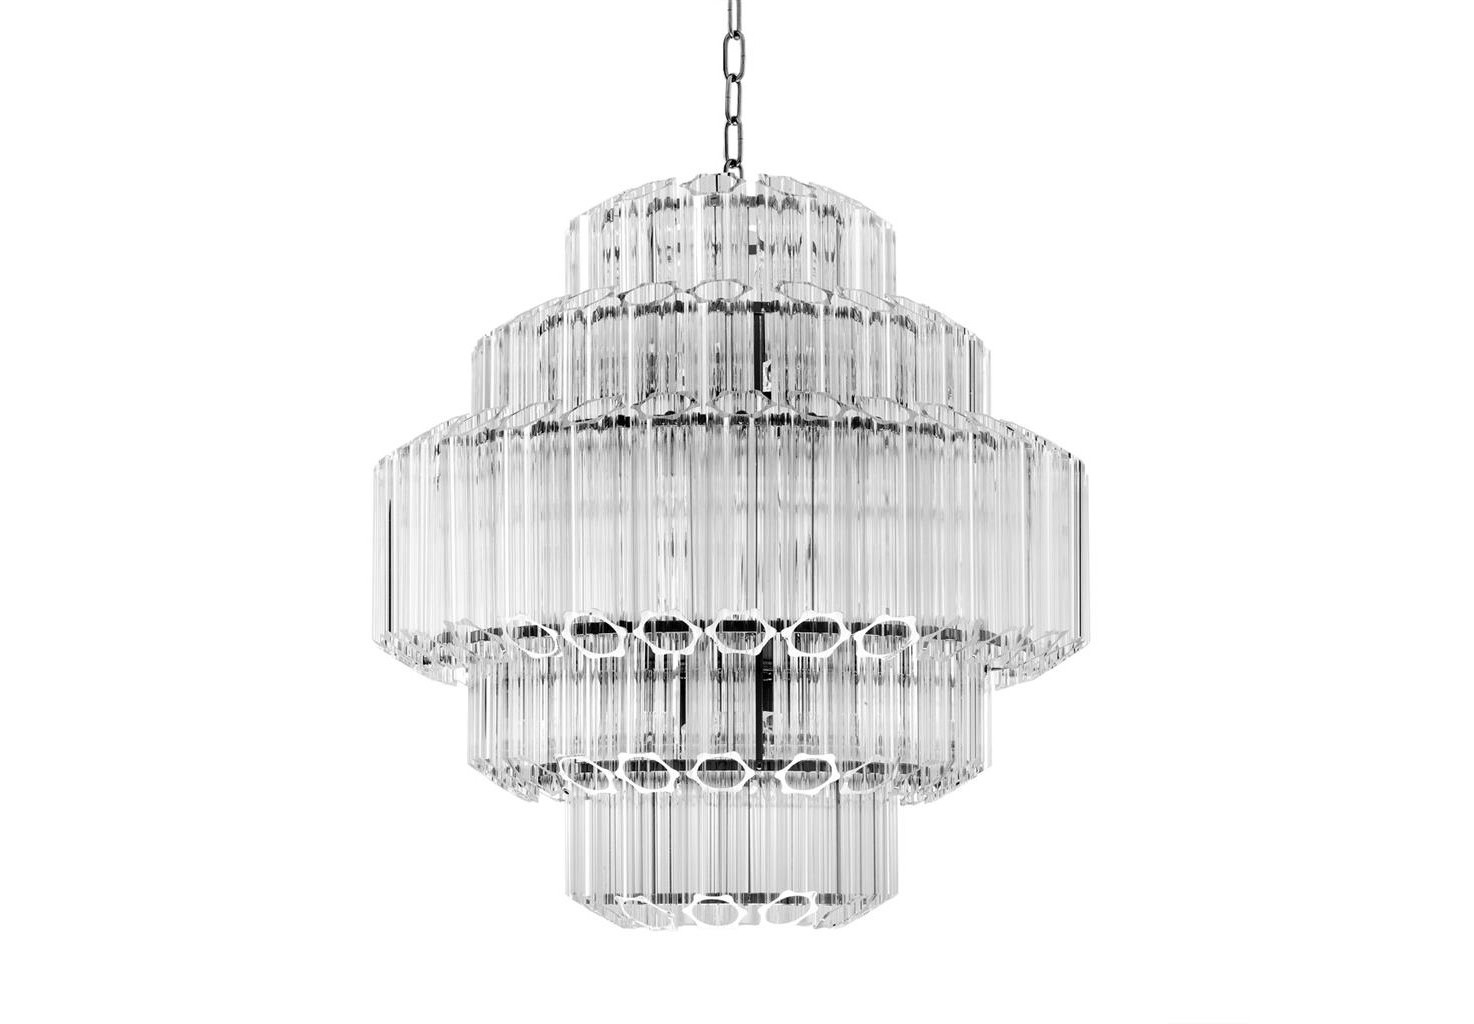 Подвесной светильникЛюстры подвесные<br>Подвесной светильник Chandelier Vittoria S на никелированной арматуре. Плафон выполнен из многоуровневых пластин из прозрачного стекла. Высота светильника регулируется за счет звеньев цепи. Лампочки из серии Bulb&amp;amp;nbsp;представлены на нашем сайте и приобретаются отдельно.&amp;lt;div&amp;gt;&amp;lt;br&amp;gt;&amp;lt;/div&amp;gt;&amp;lt;div&amp;gt;&amp;lt;div&amp;gt;Тип цоколя: E14&amp;lt;/div&amp;gt;&amp;lt;div&amp;gt;Мощность: 40W&amp;lt;/div&amp;gt;&amp;lt;div&amp;gt;Кол-во ламп: 9 &amp;amp;nbsp;(нет в комплекте)&amp;lt;/div&amp;gt;&amp;lt;/div&amp;gt;<br><br>Material: Стекло<br>Height см: 67<br>Diameter см: 66